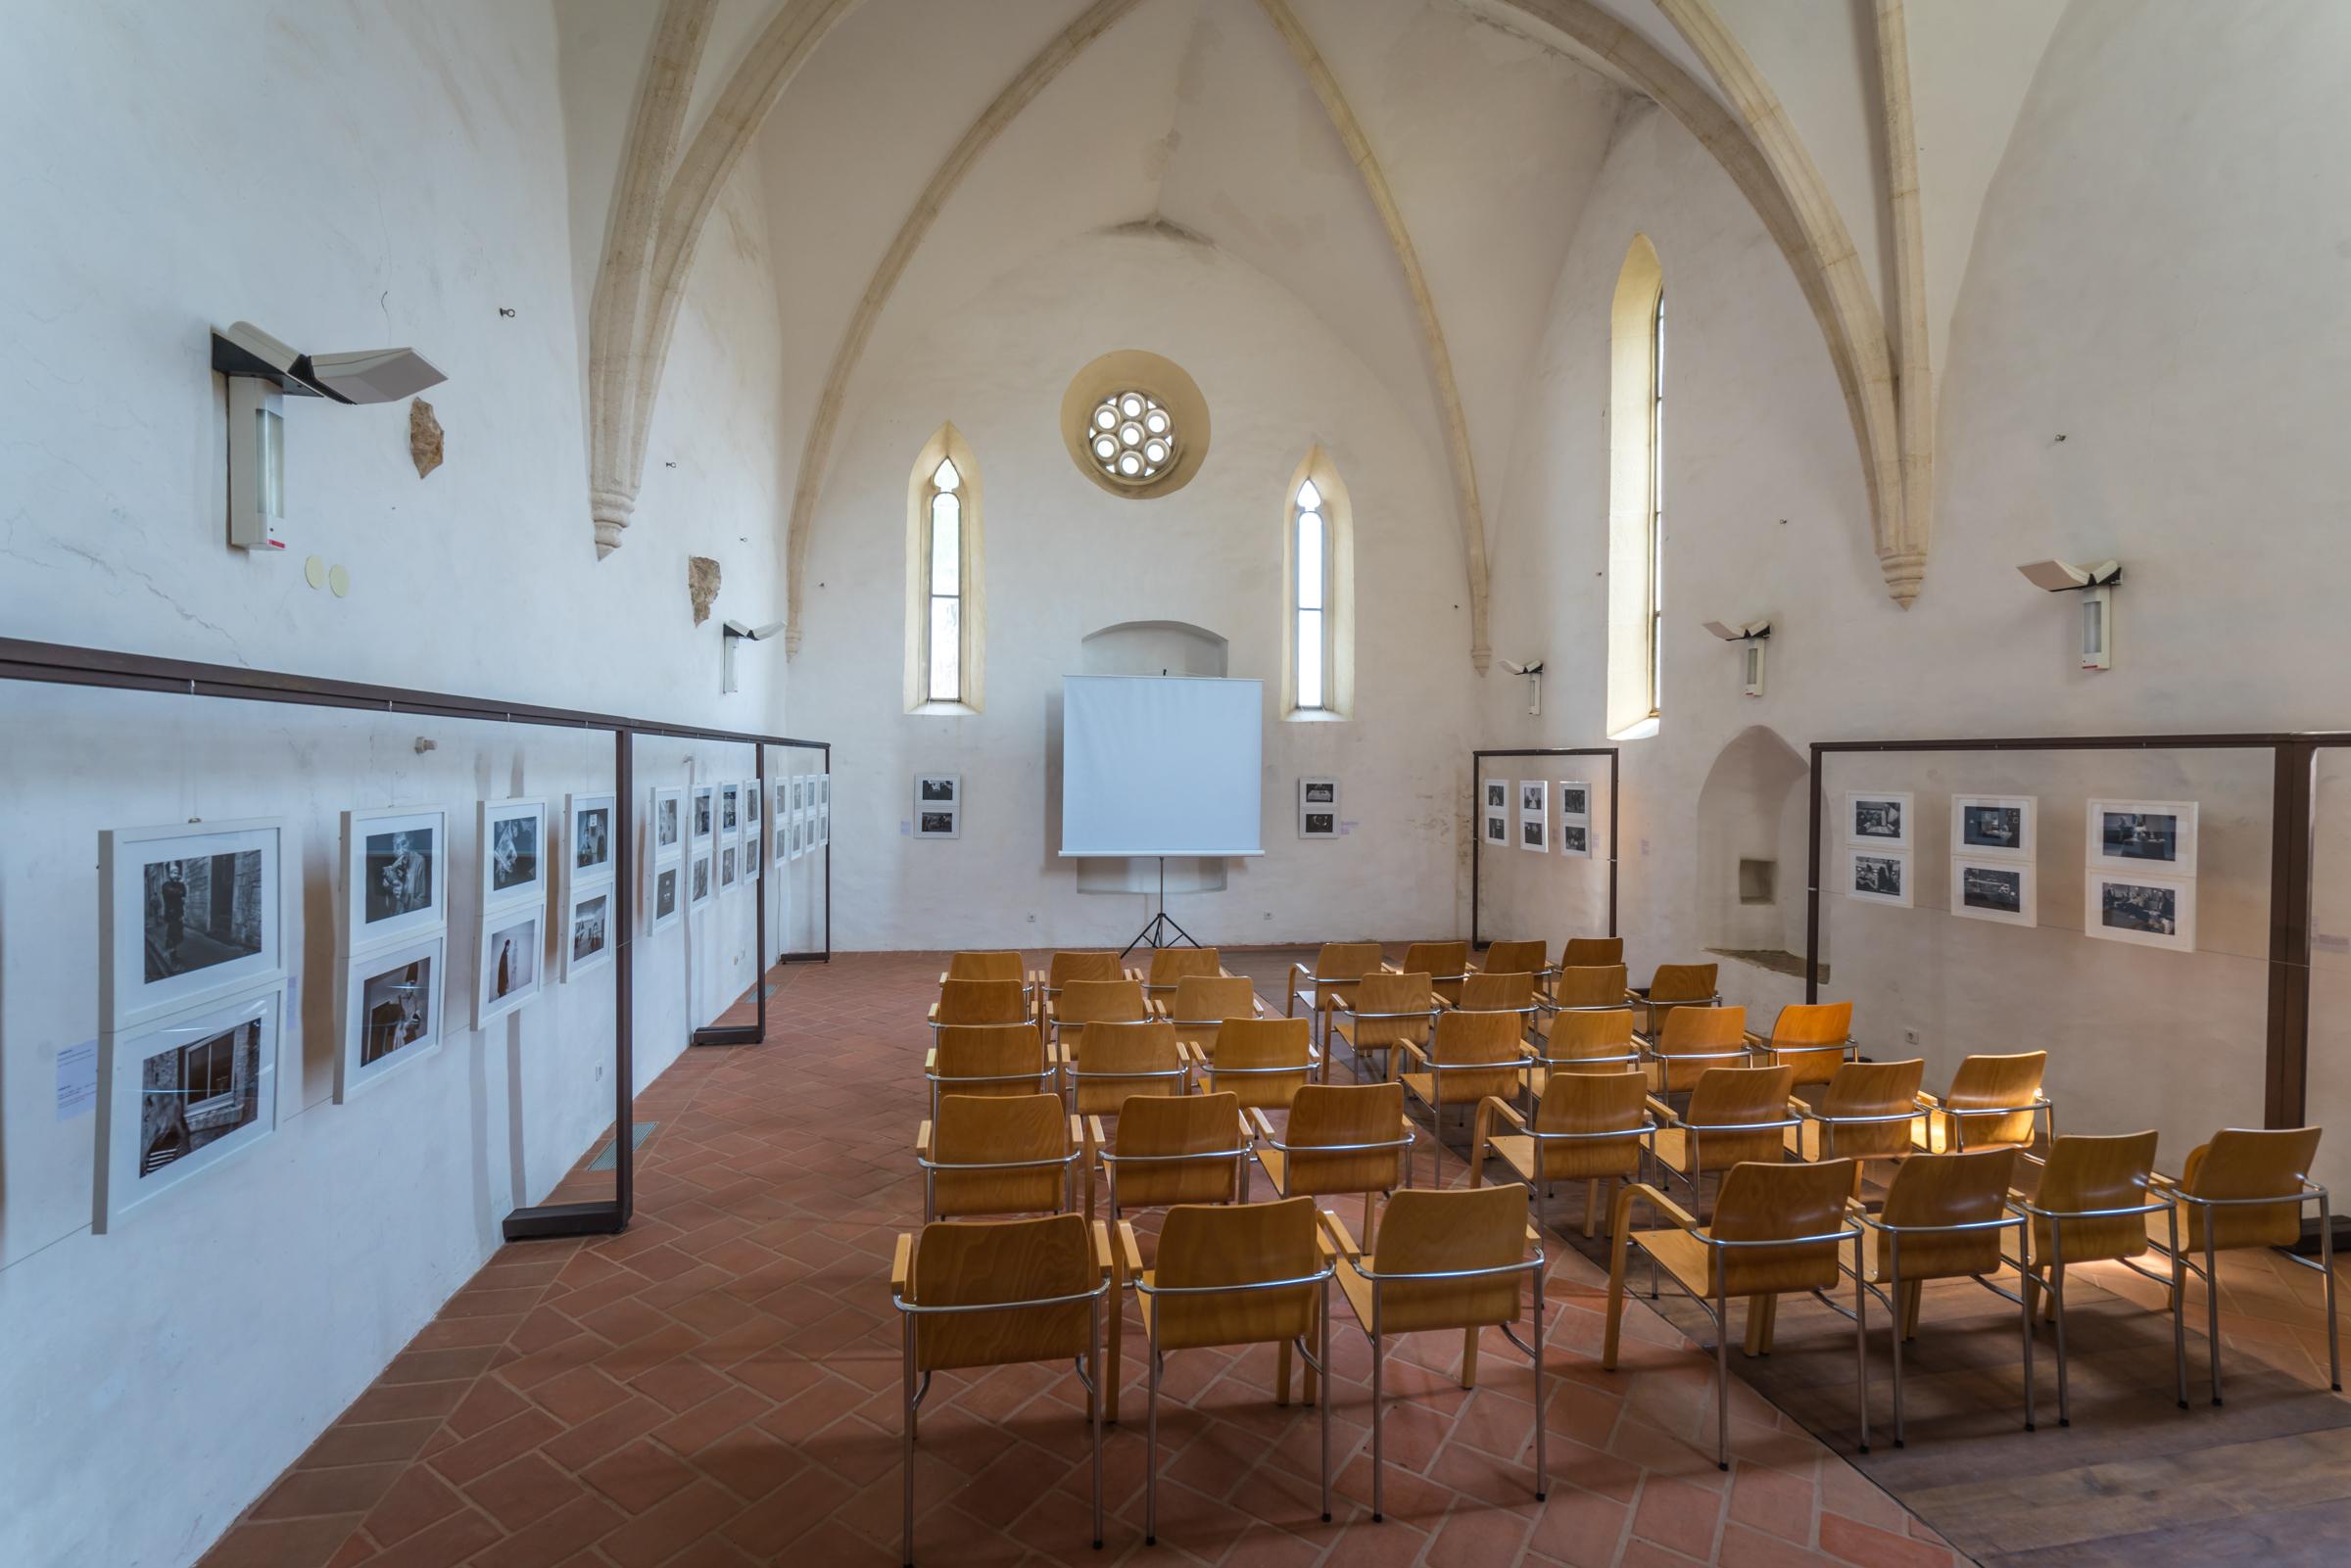 29_Mariborska_sinagoga_5.jpg